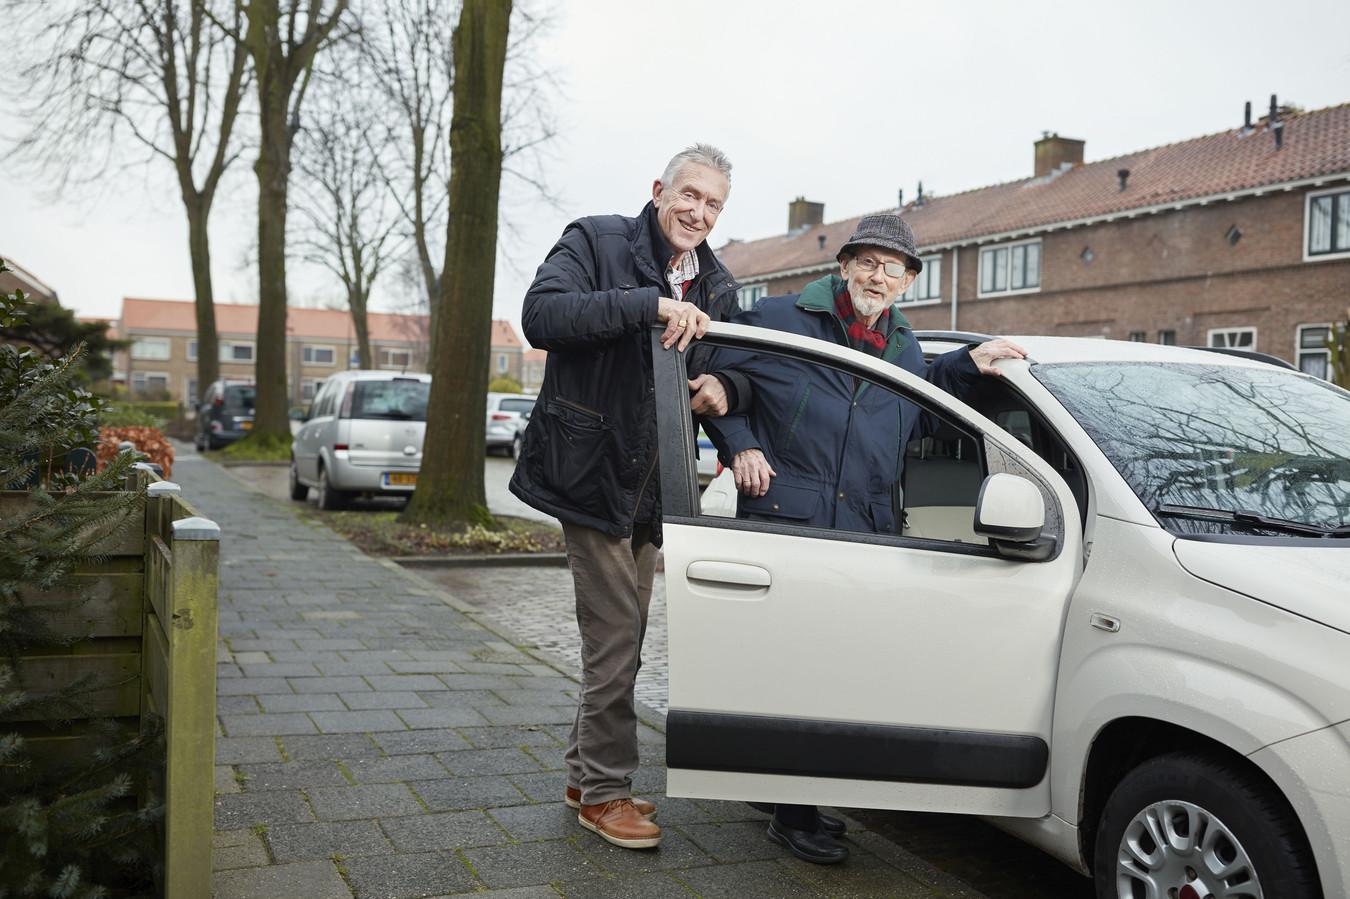 Een vrijwilliger haalt een man op om hem naar diens afspraak te brengen.